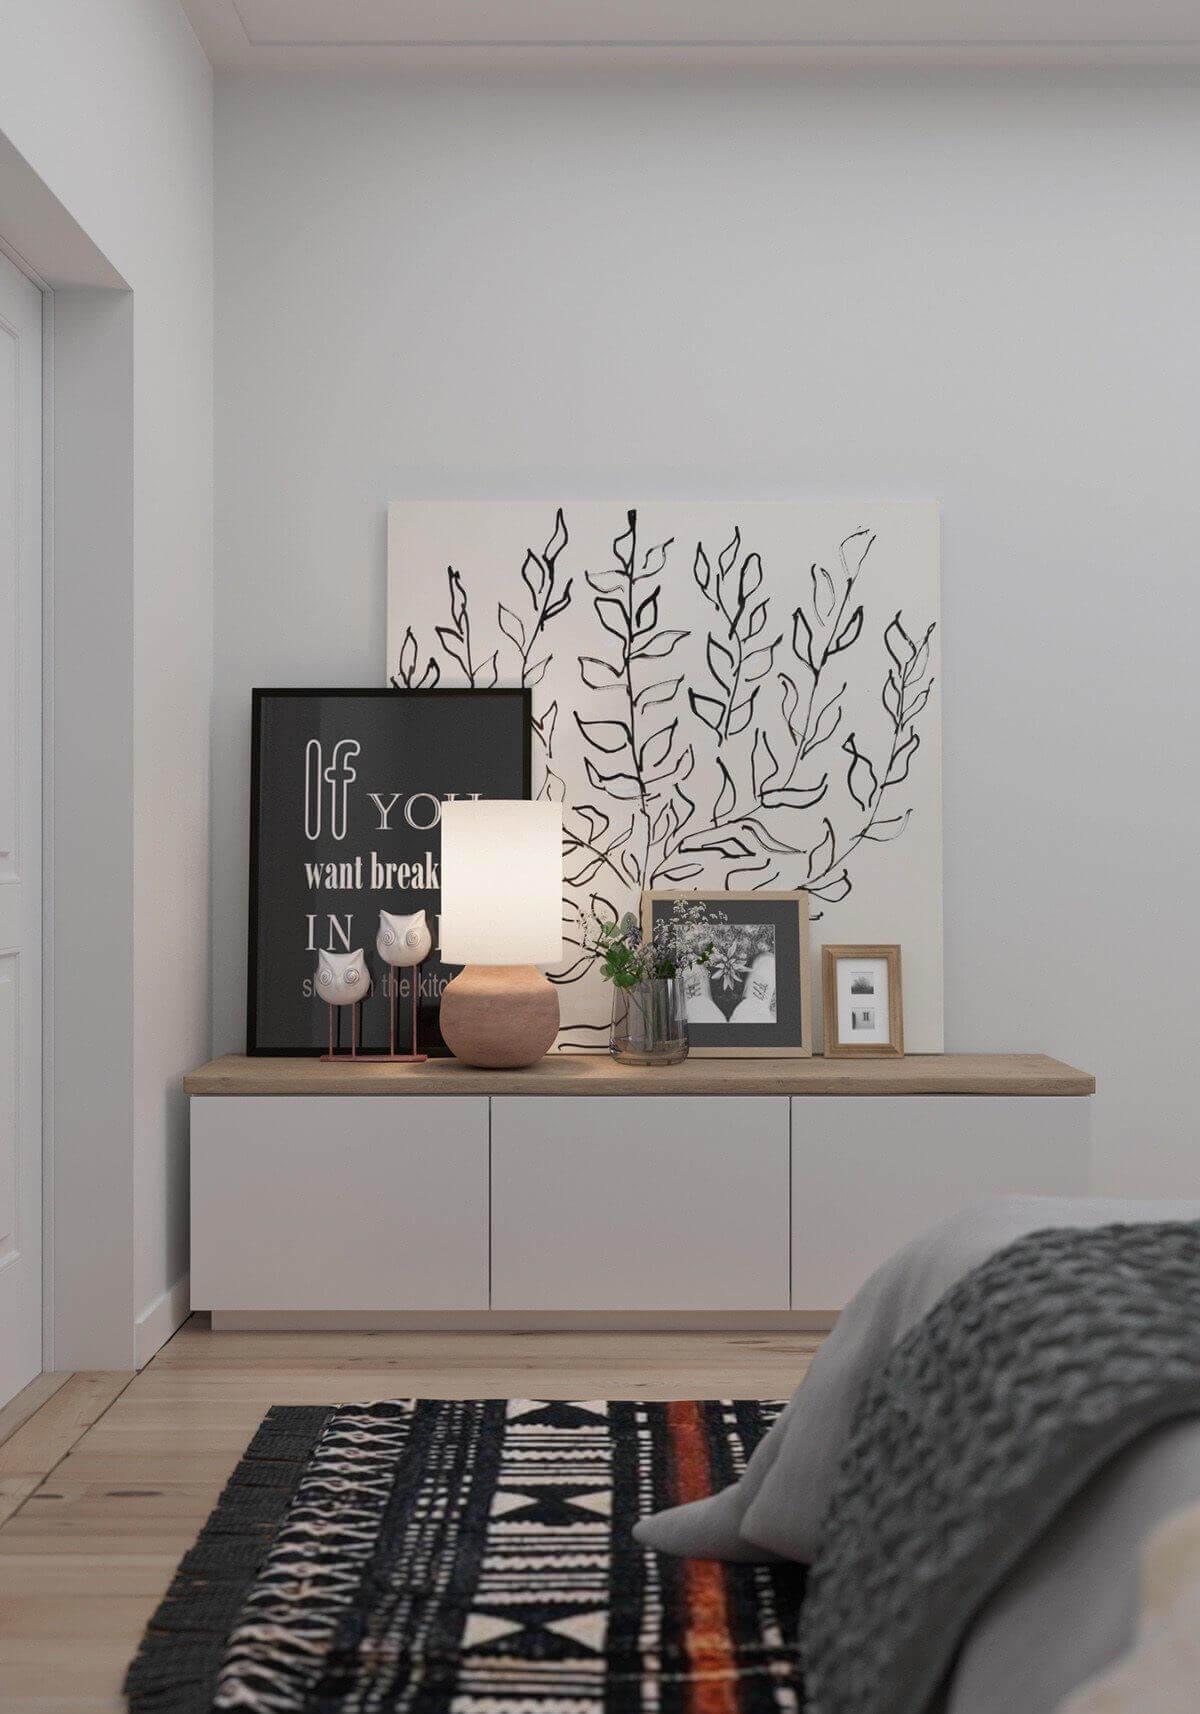 bedroom white shelf pictures art  - Mẫu căn hộ dưới 50m2 với không gian rộng rãi và cá tính